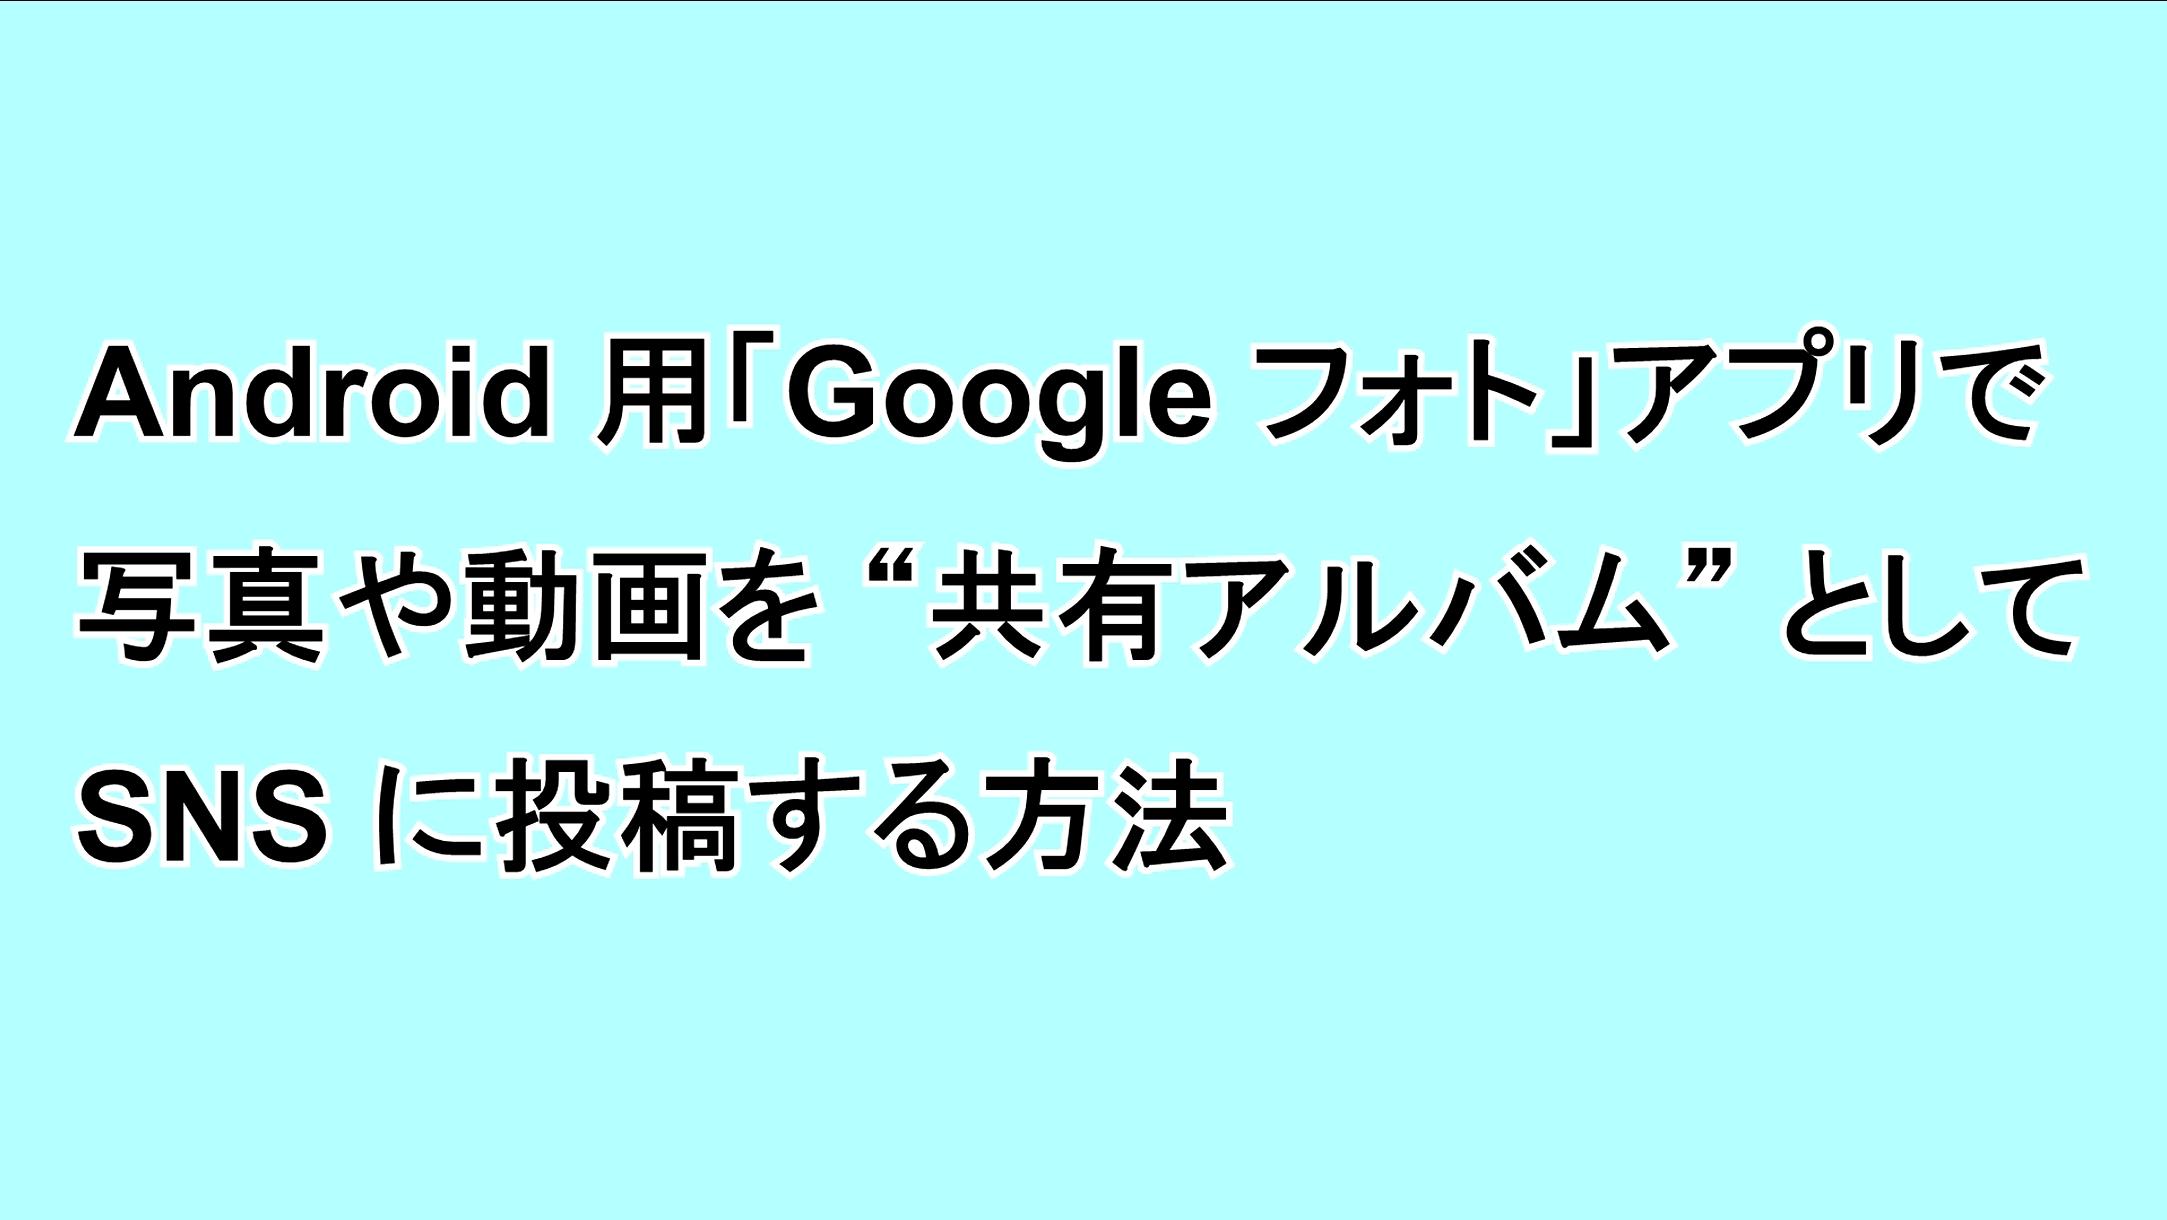 """Android用「Google フォト」アプリで写真や動画を""""共有アルバム""""としてSNSに投稿する方法"""